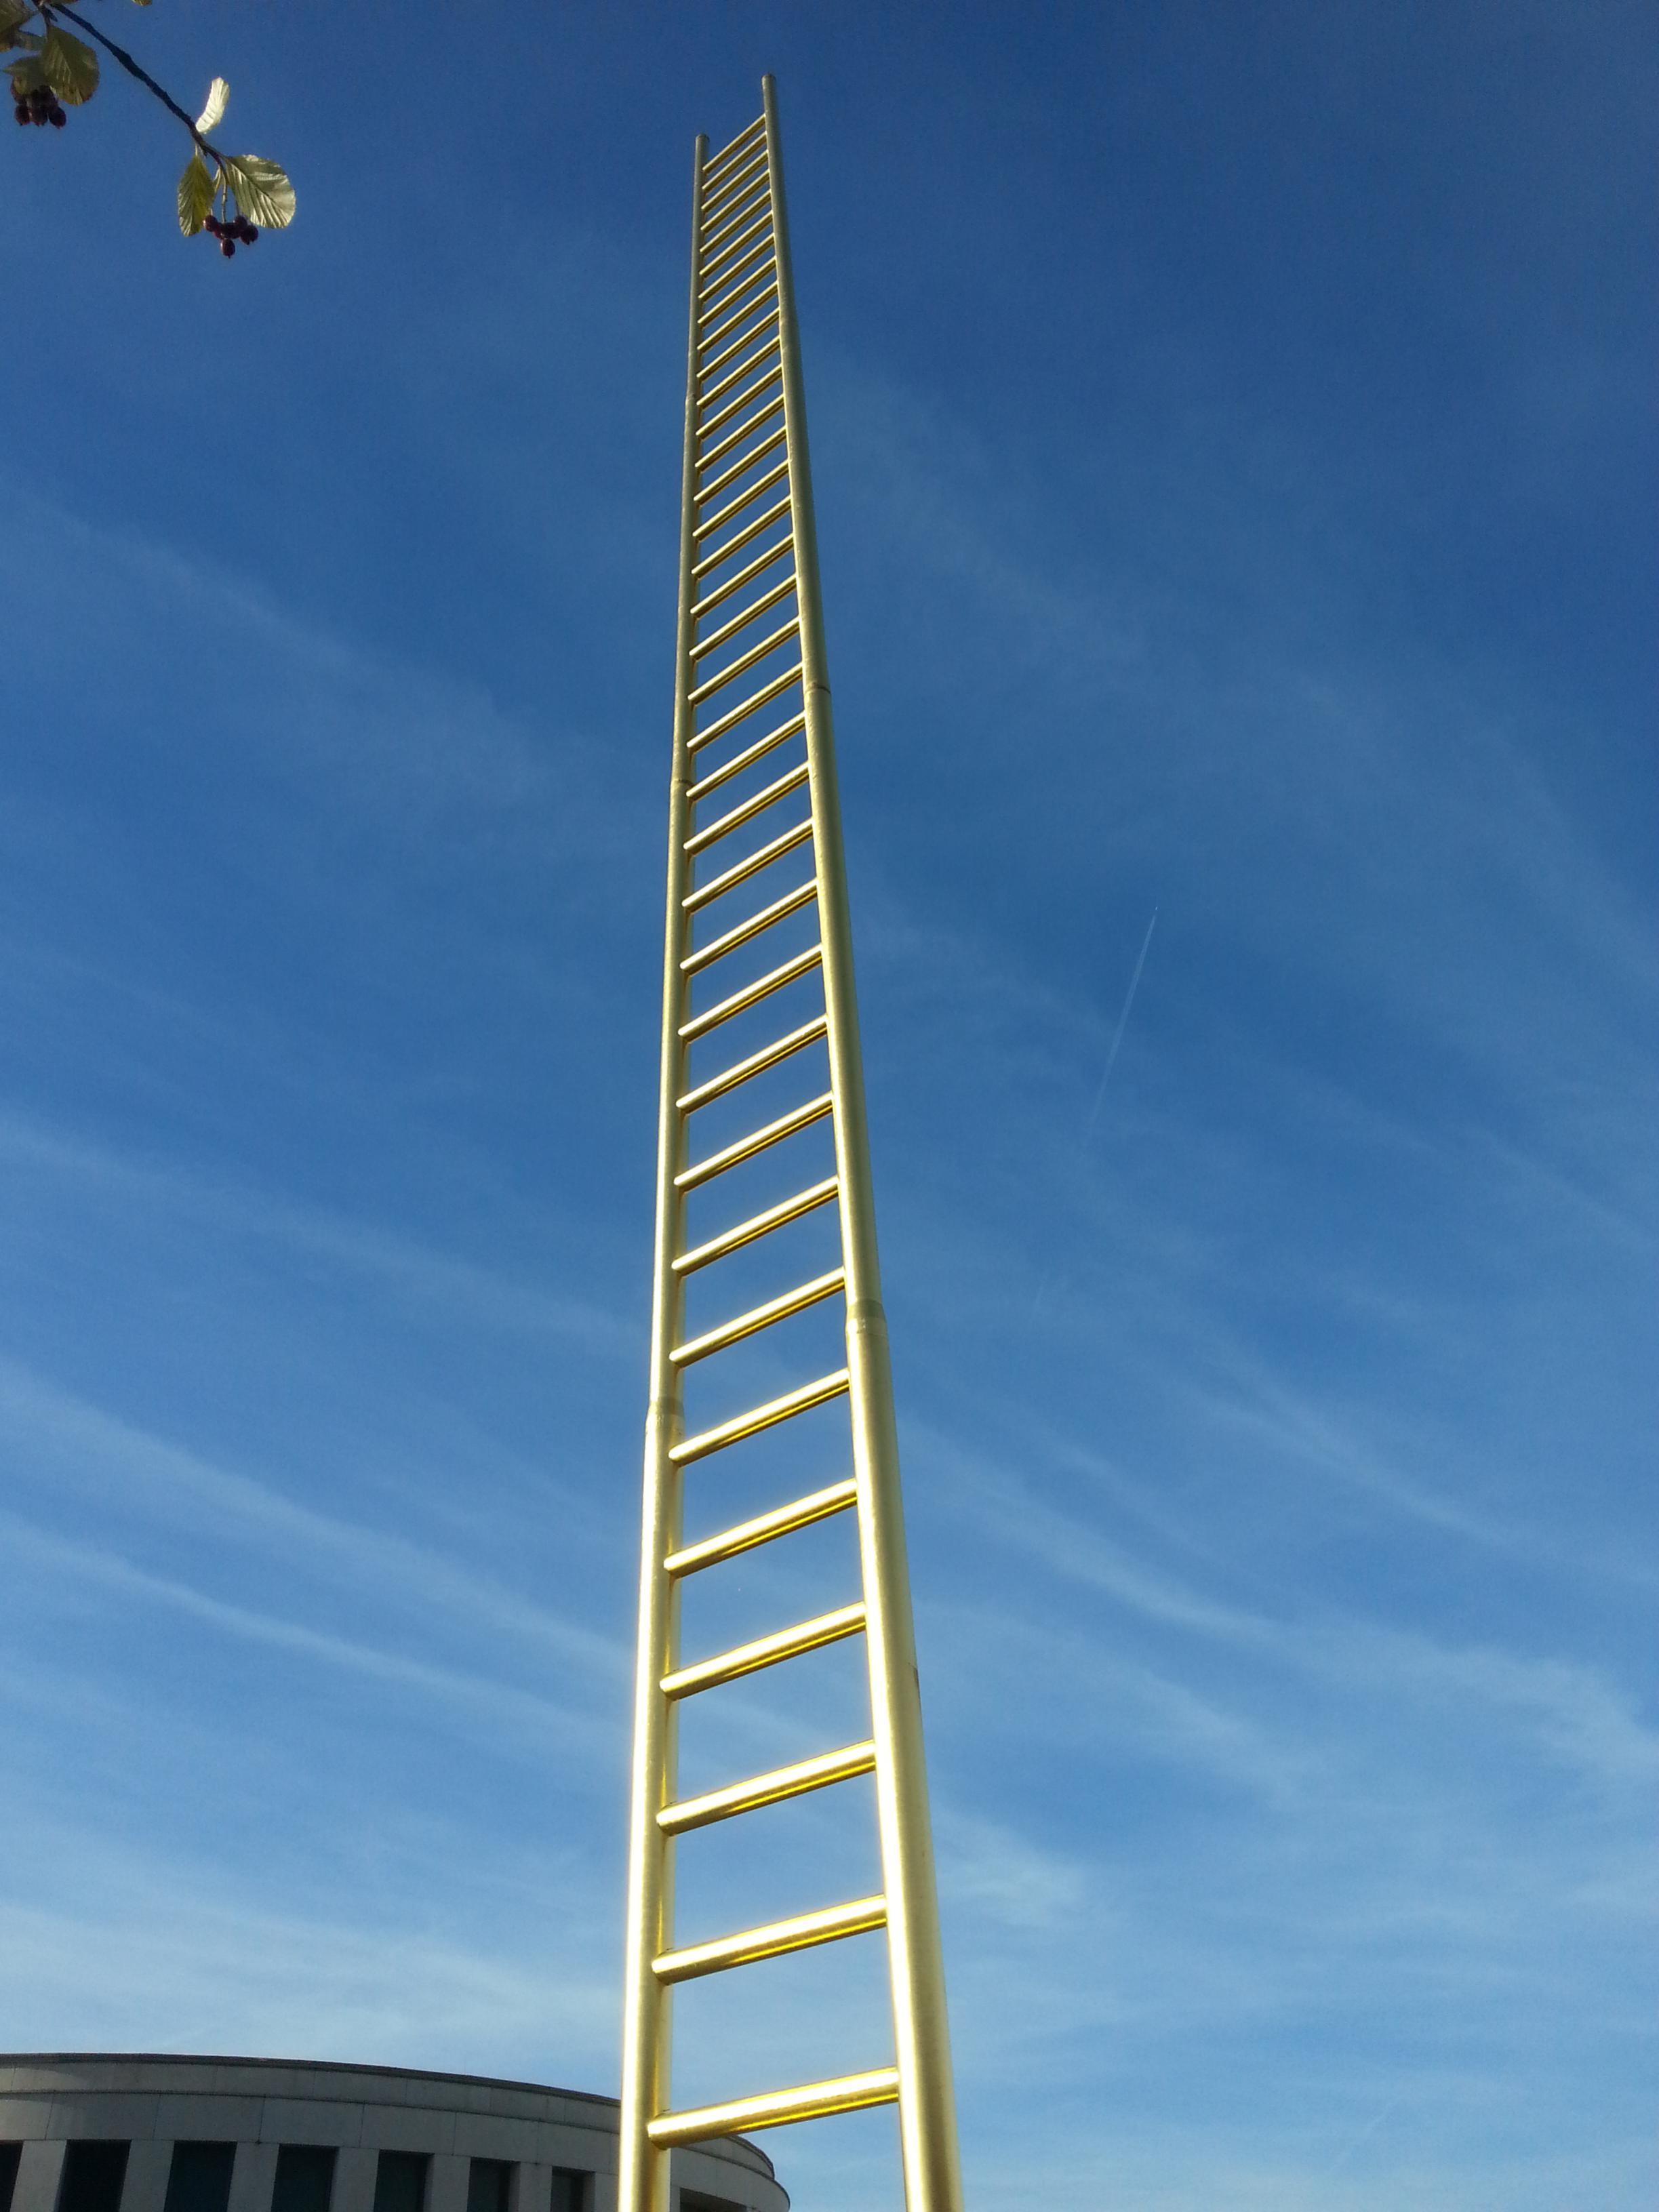 Klicke auf die Grafik für eine größere Ansicht  Name:Leiter (2).jpg Hits:140 Größe:408,9 KB ID:77641